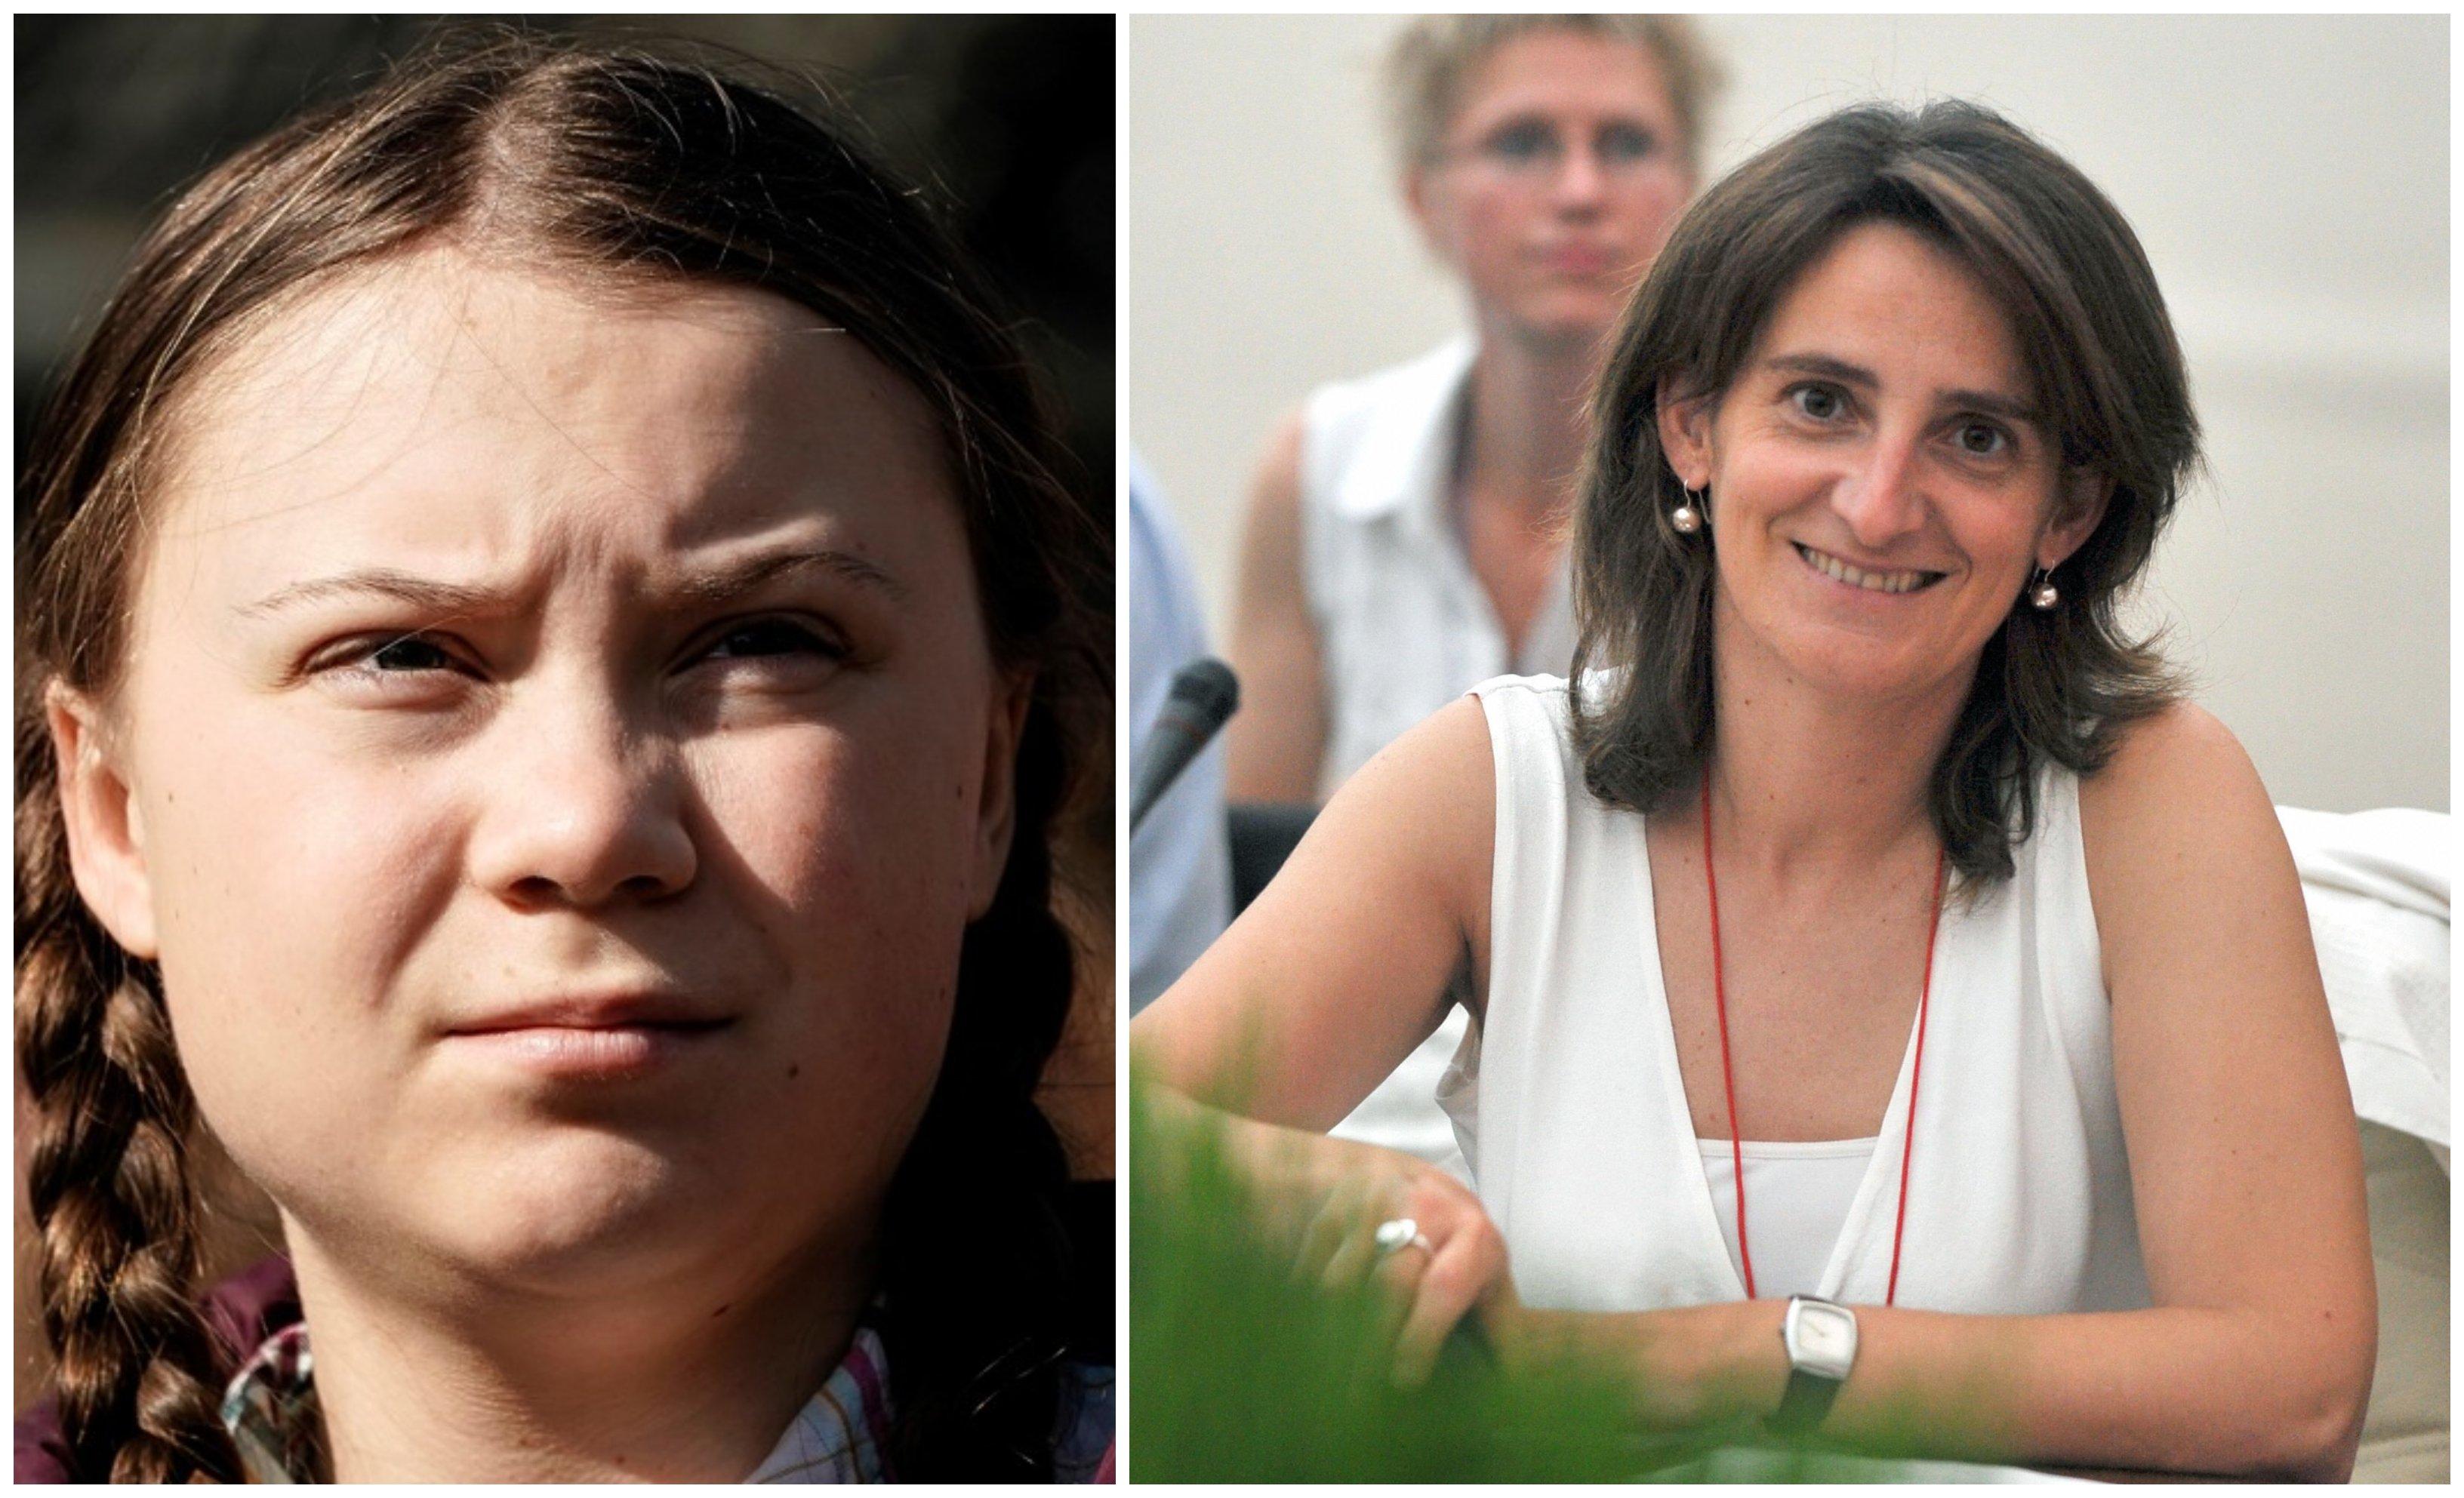 No te preocupes Greta, la ministra Teresa Ribera te ayudará a llegar a tiempo a la Conferencia sobre Cambio Climático de Madrid